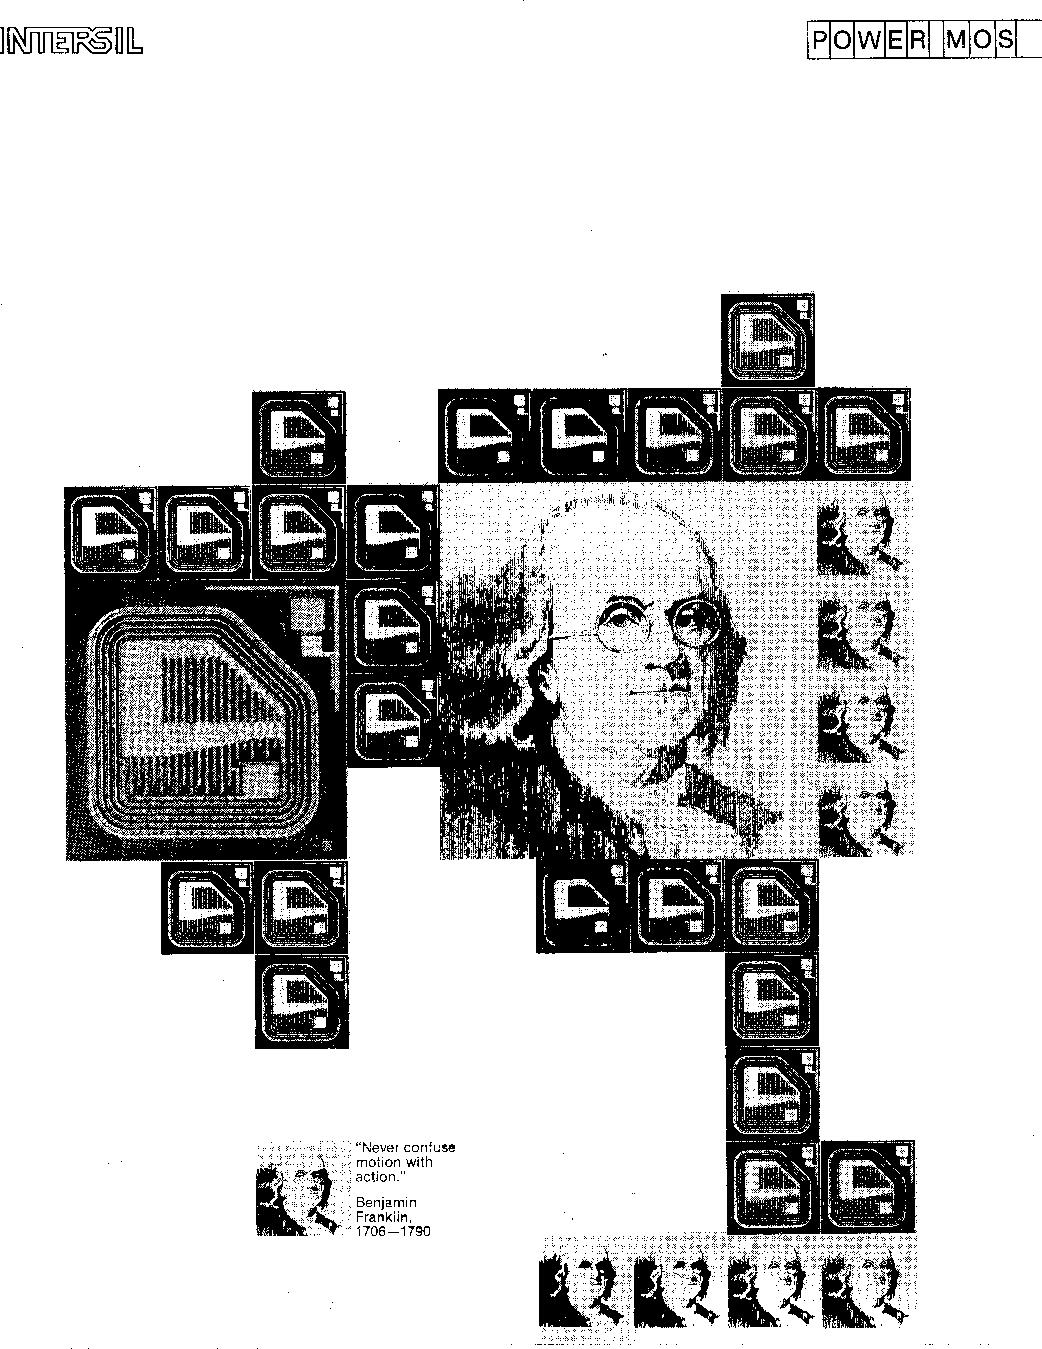 1981 Intersil Power Mos 5v 10a Regulator Circuit Switchingregulatorcircuit